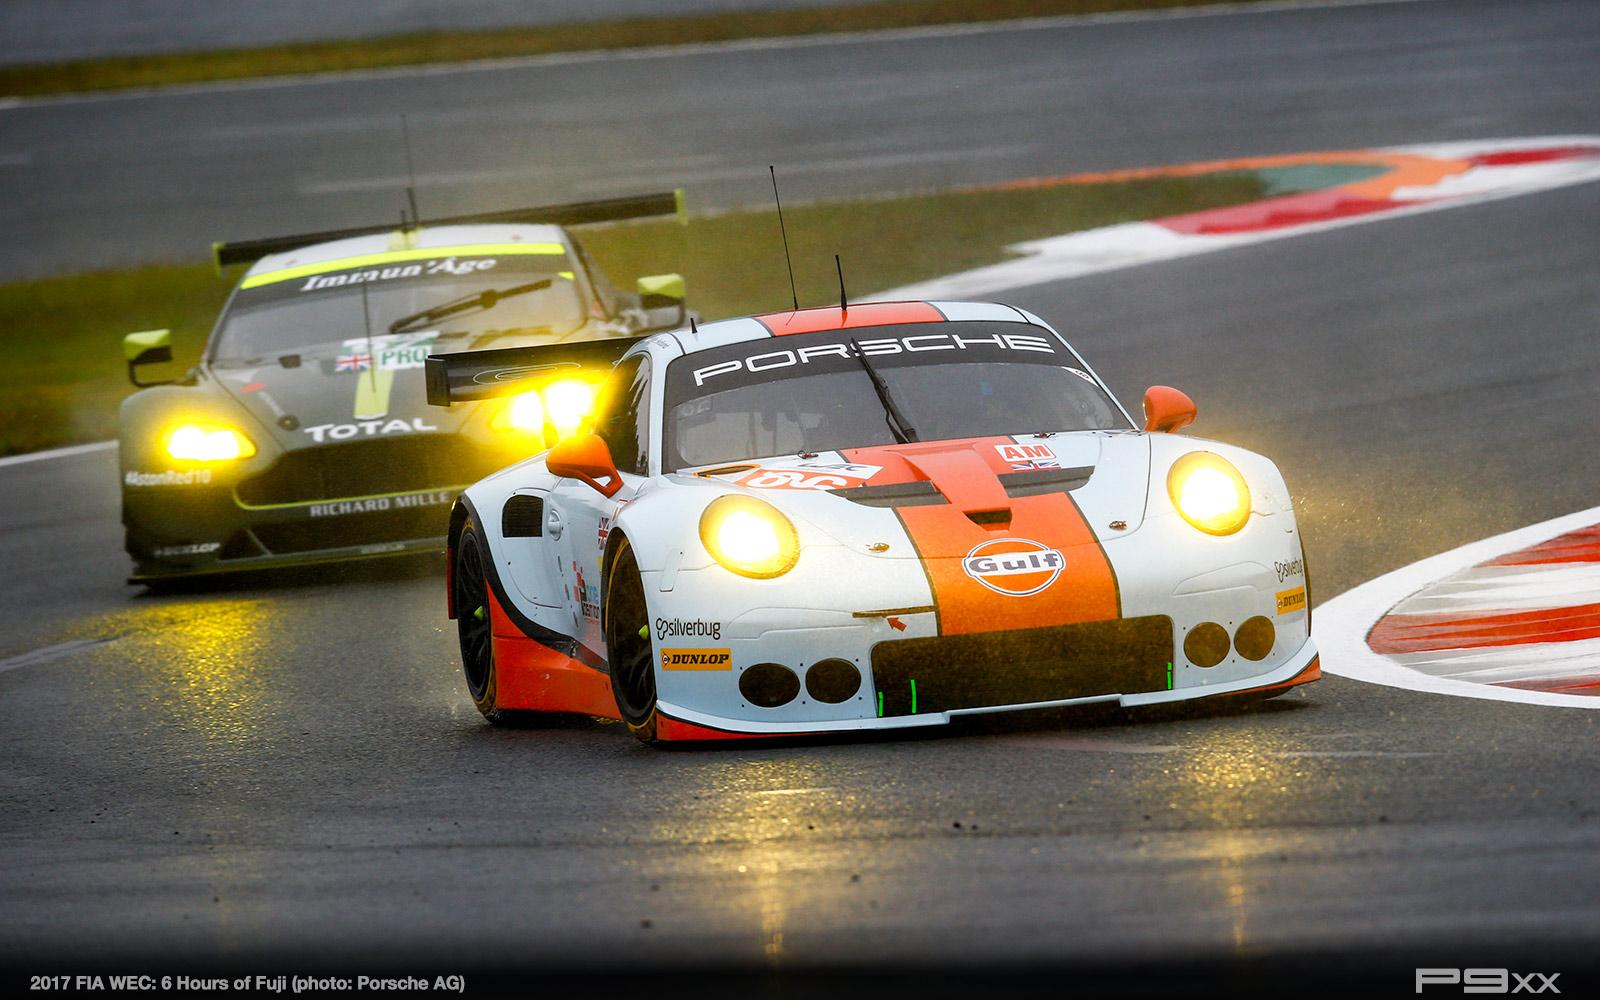 2017-FIA-WEC-6h-of-Fuji-Porsche-353